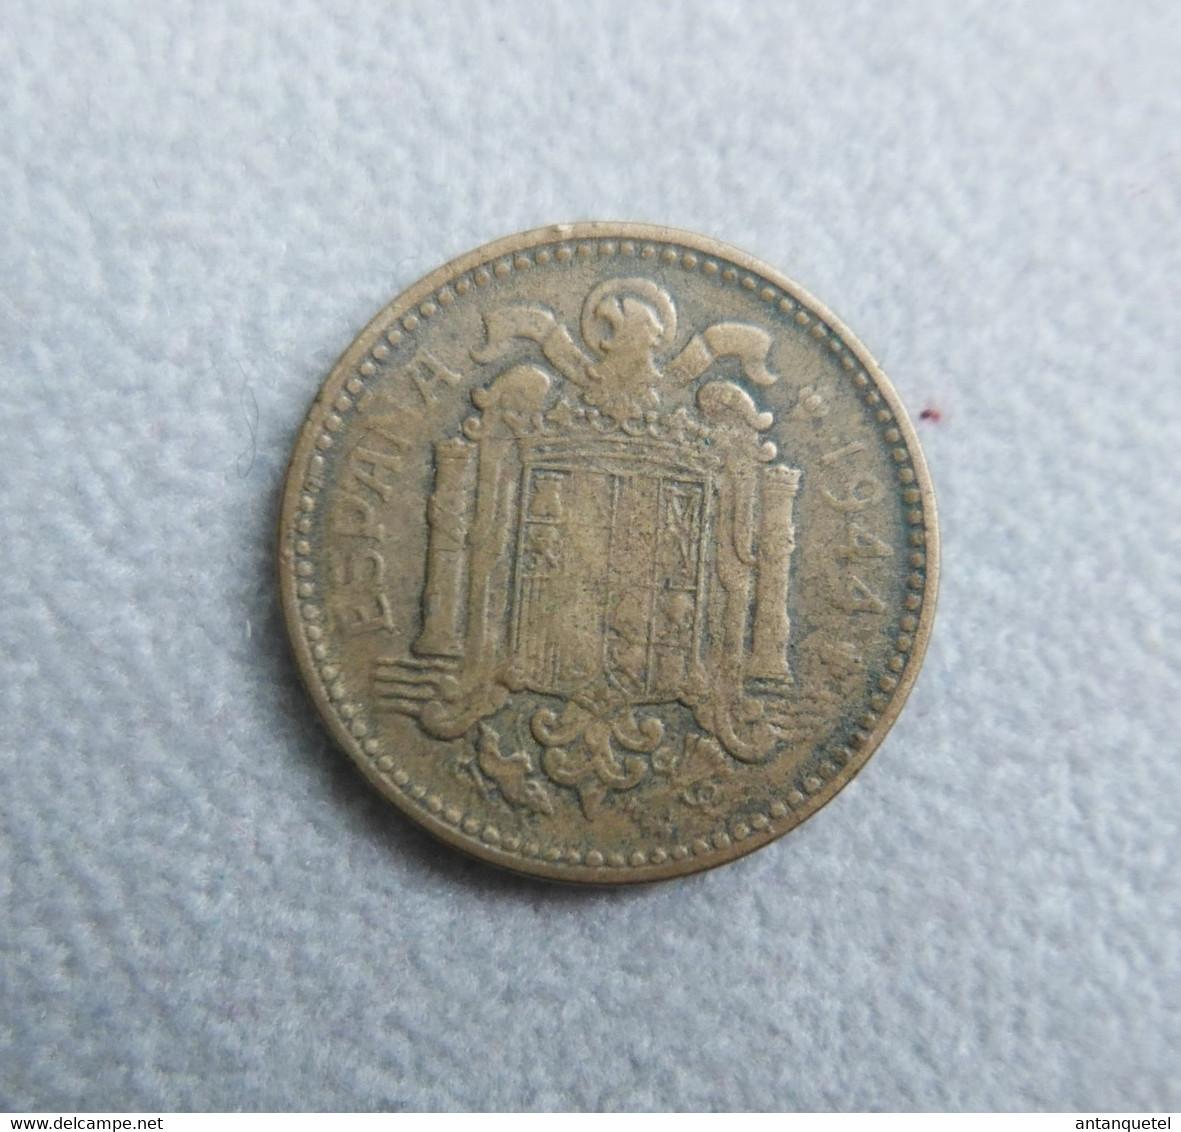 Monnaie D'Espagne—1 Peseta—Bronze—1944—Etat Moyen - 1 Peseta